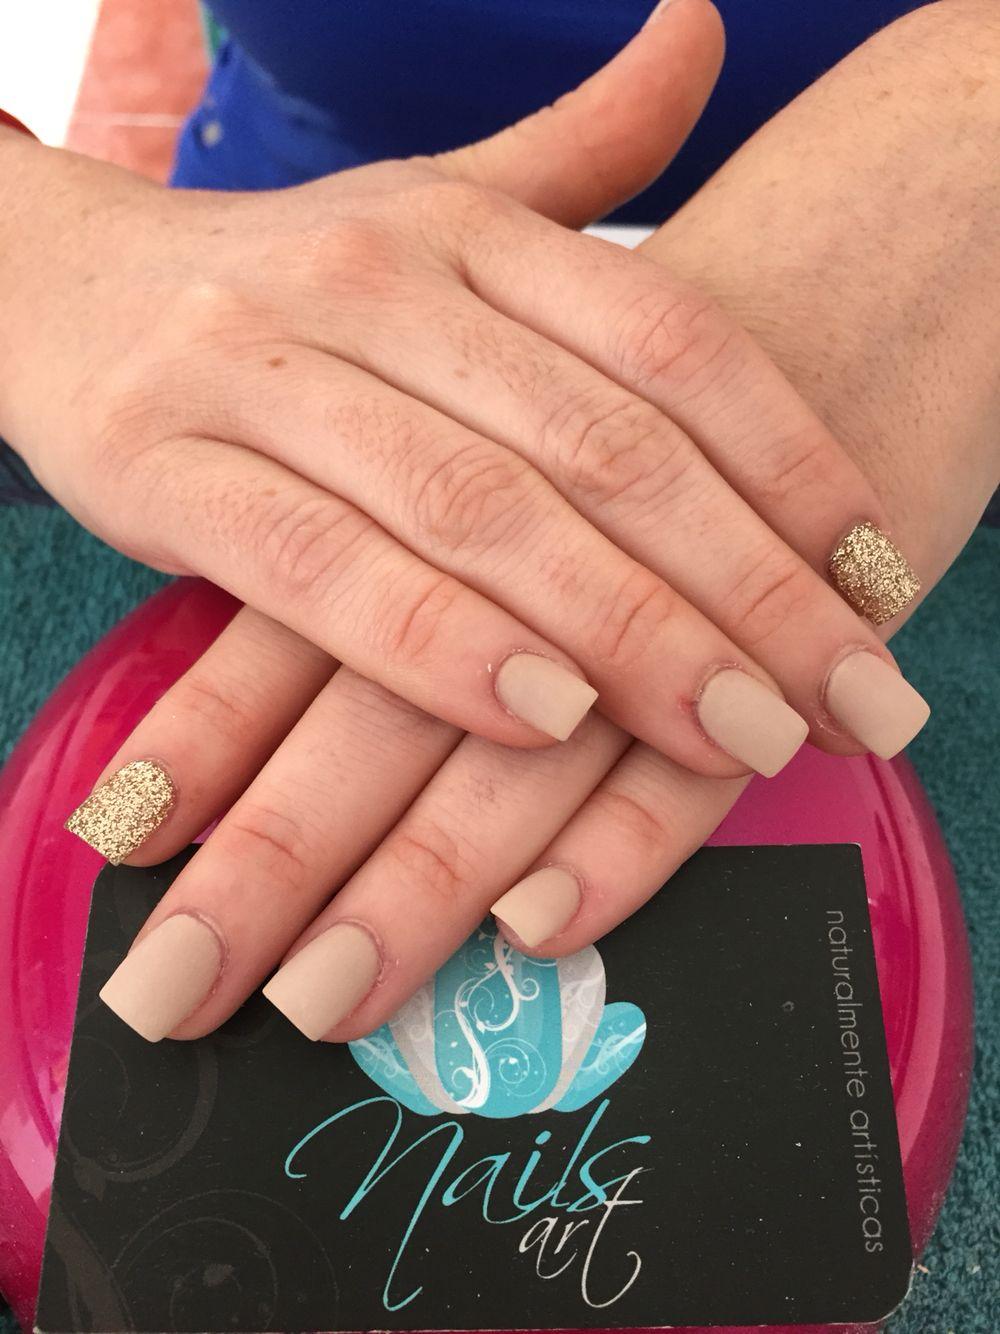 Acrylic nails nails art nude nails nails art pinterest nude nails nail nail and mani pedi - Nail art nude ...